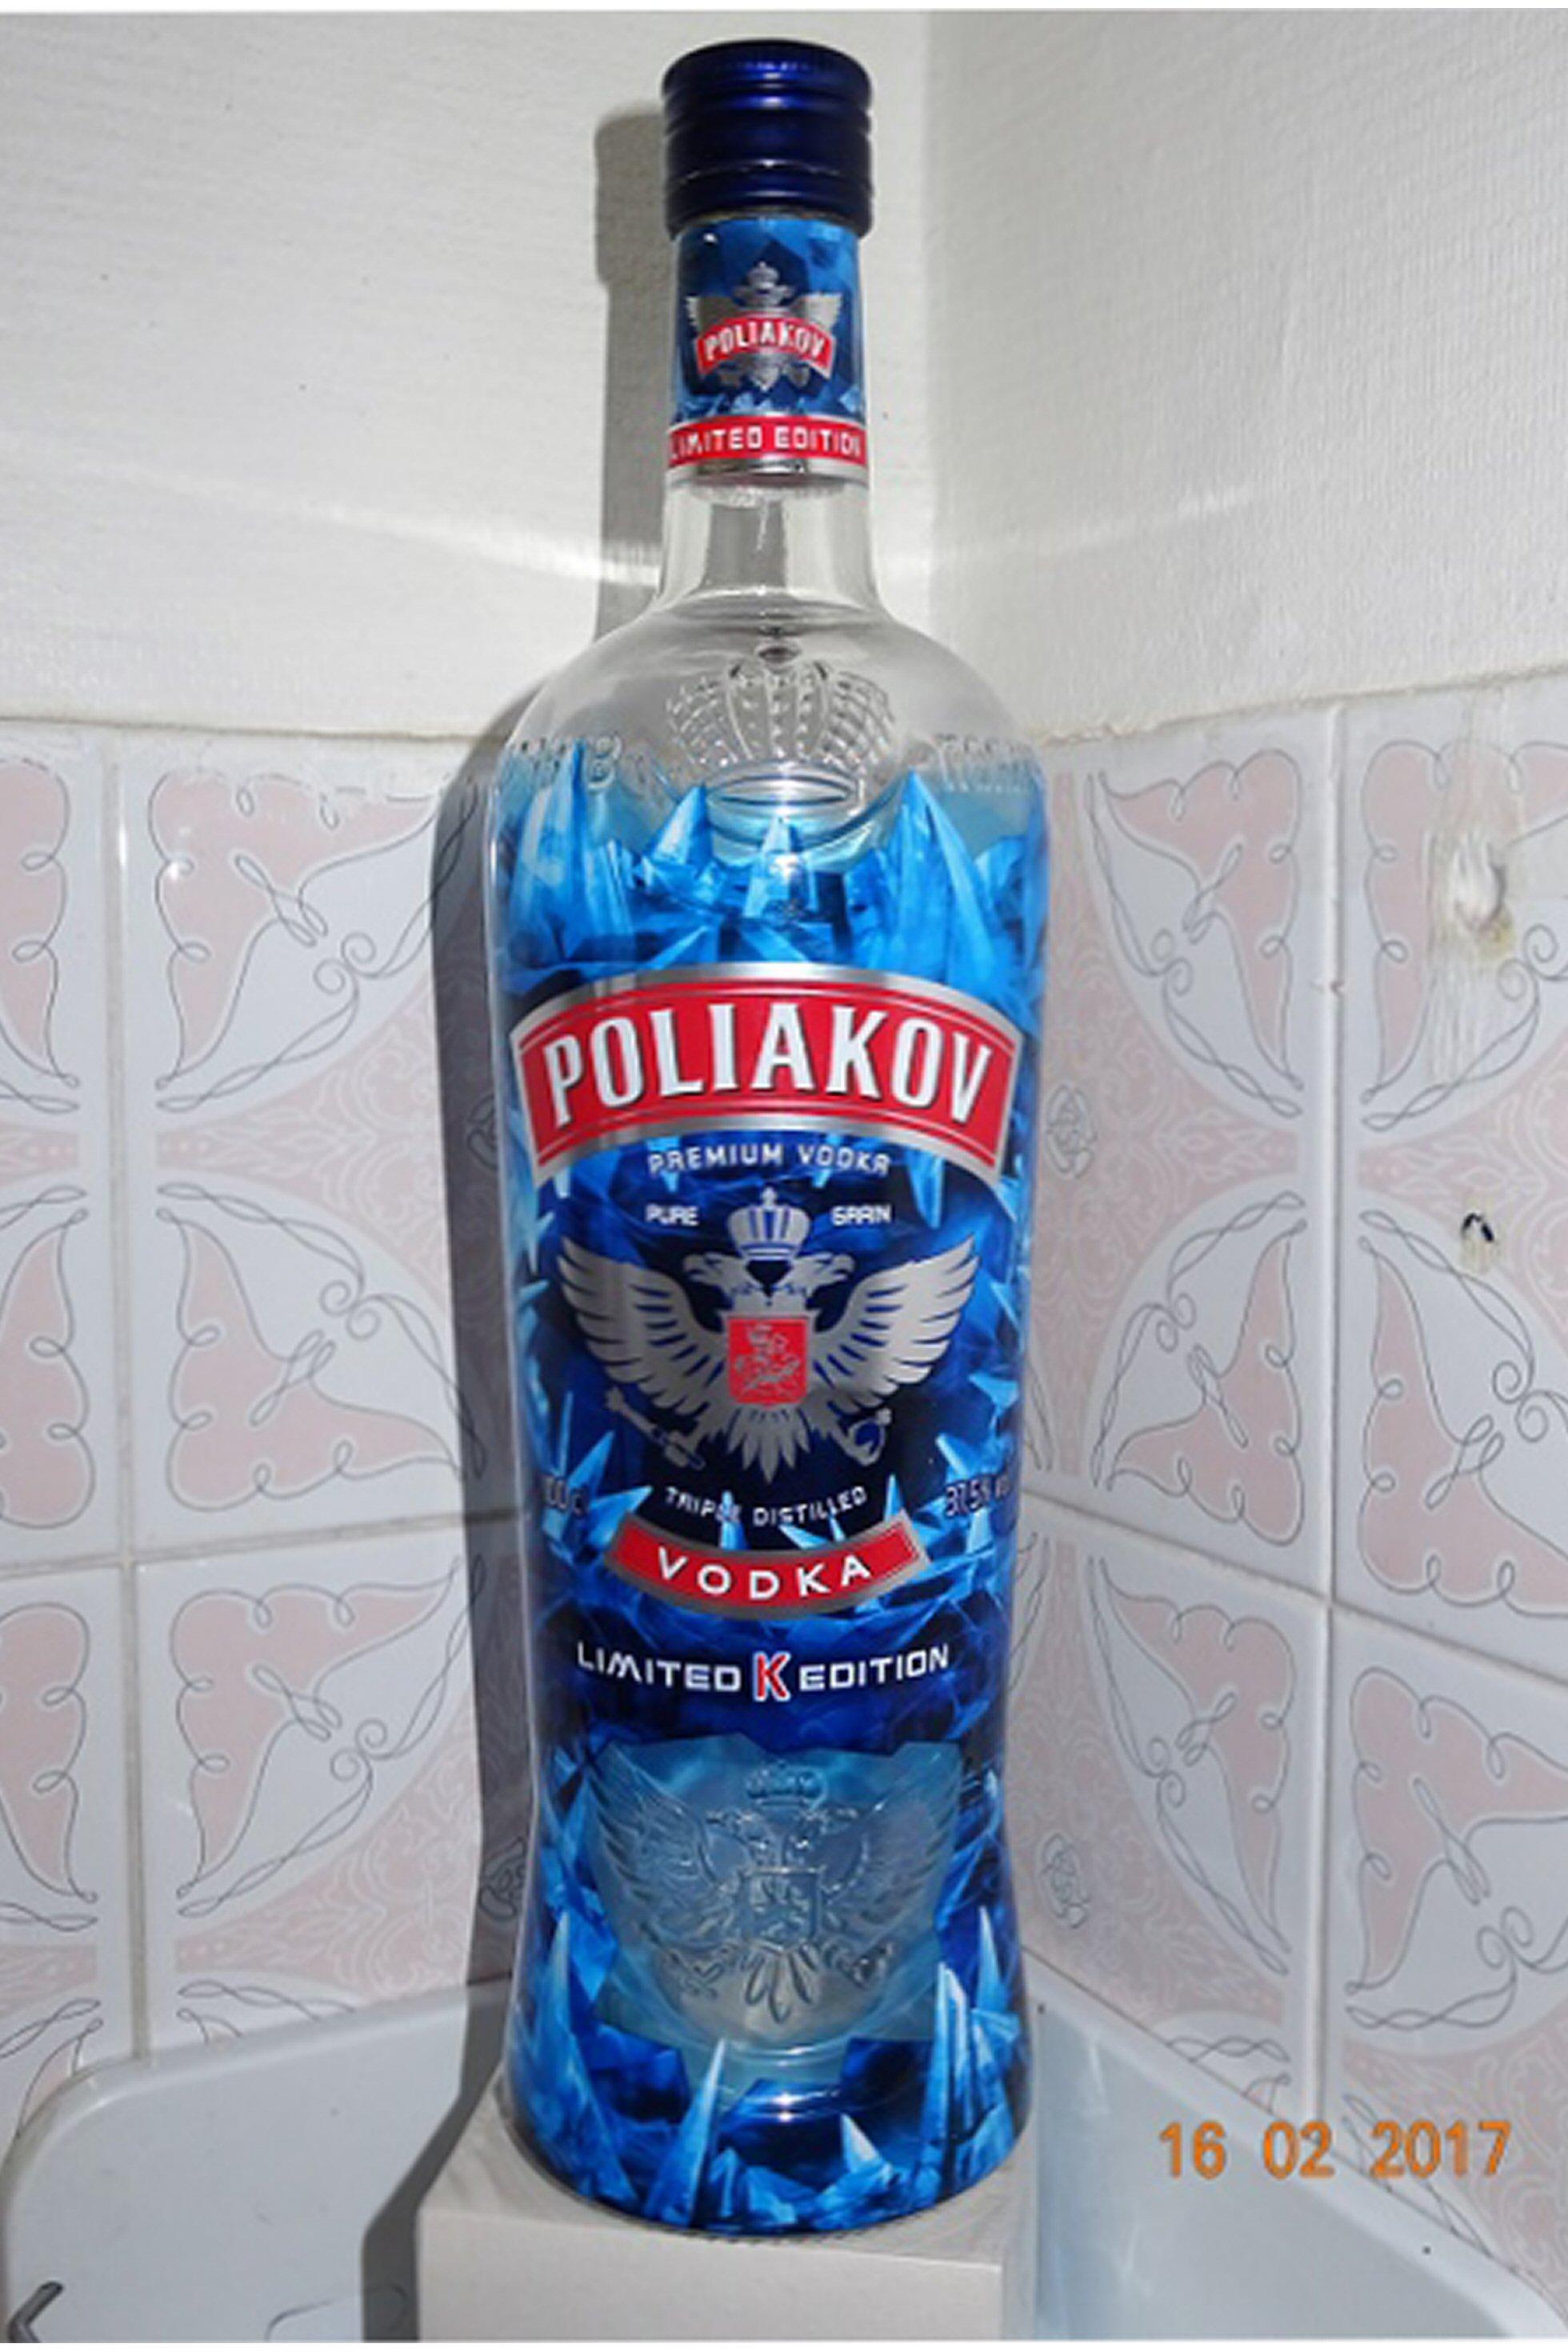 POLIAKOV 2016 100CL A OK.JPG